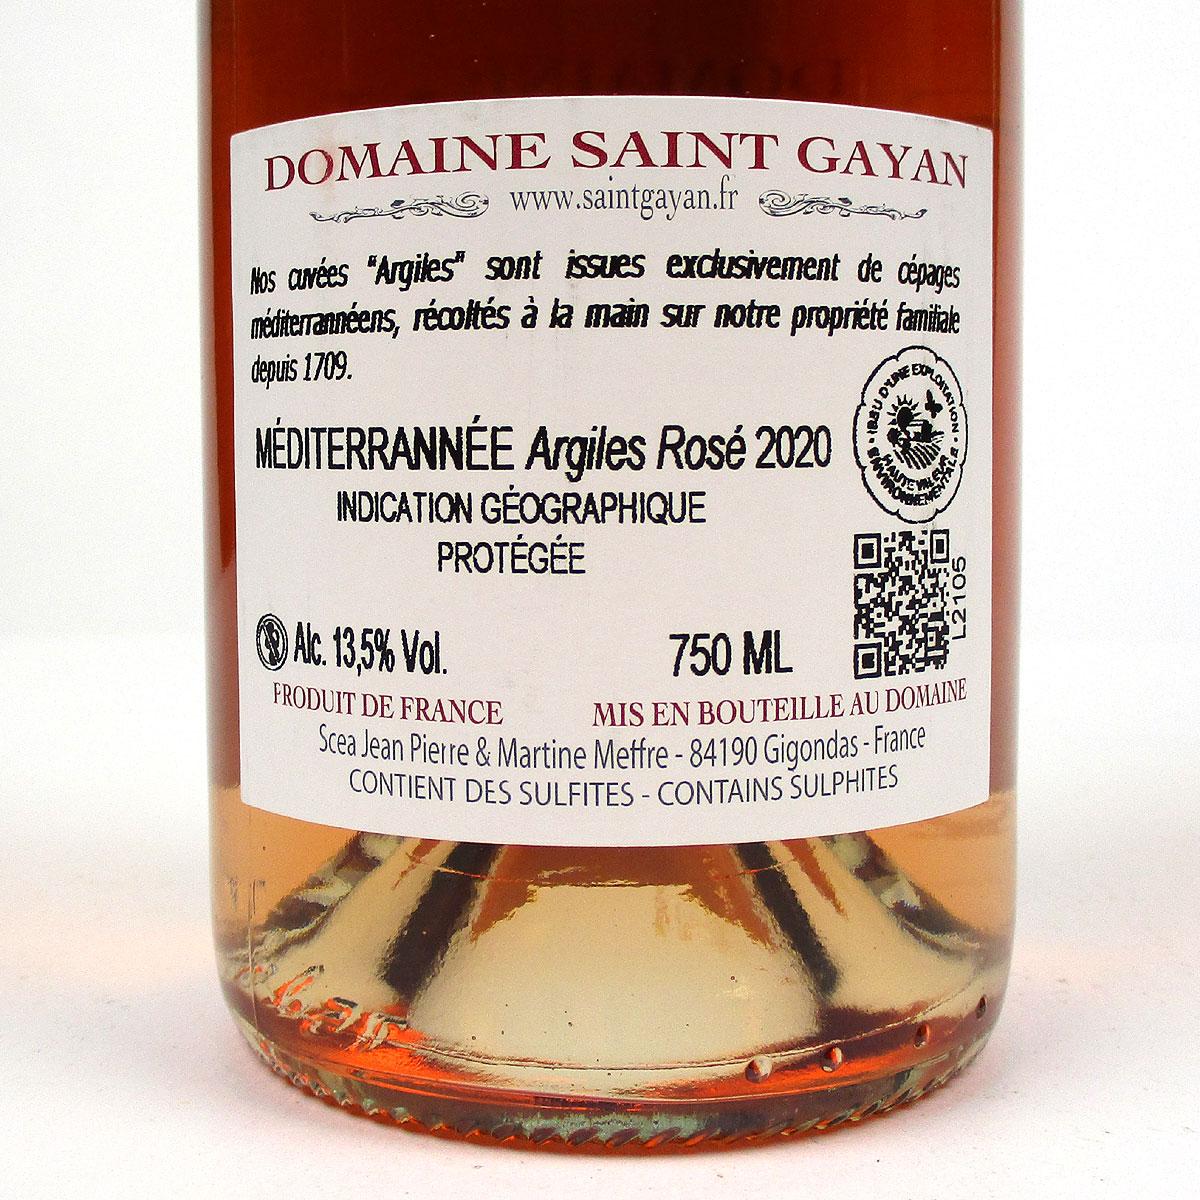 IGP Méditerranée: Domaine Saint Gayan 'Argiles' Rosé 2020 - Bottle Rear Label